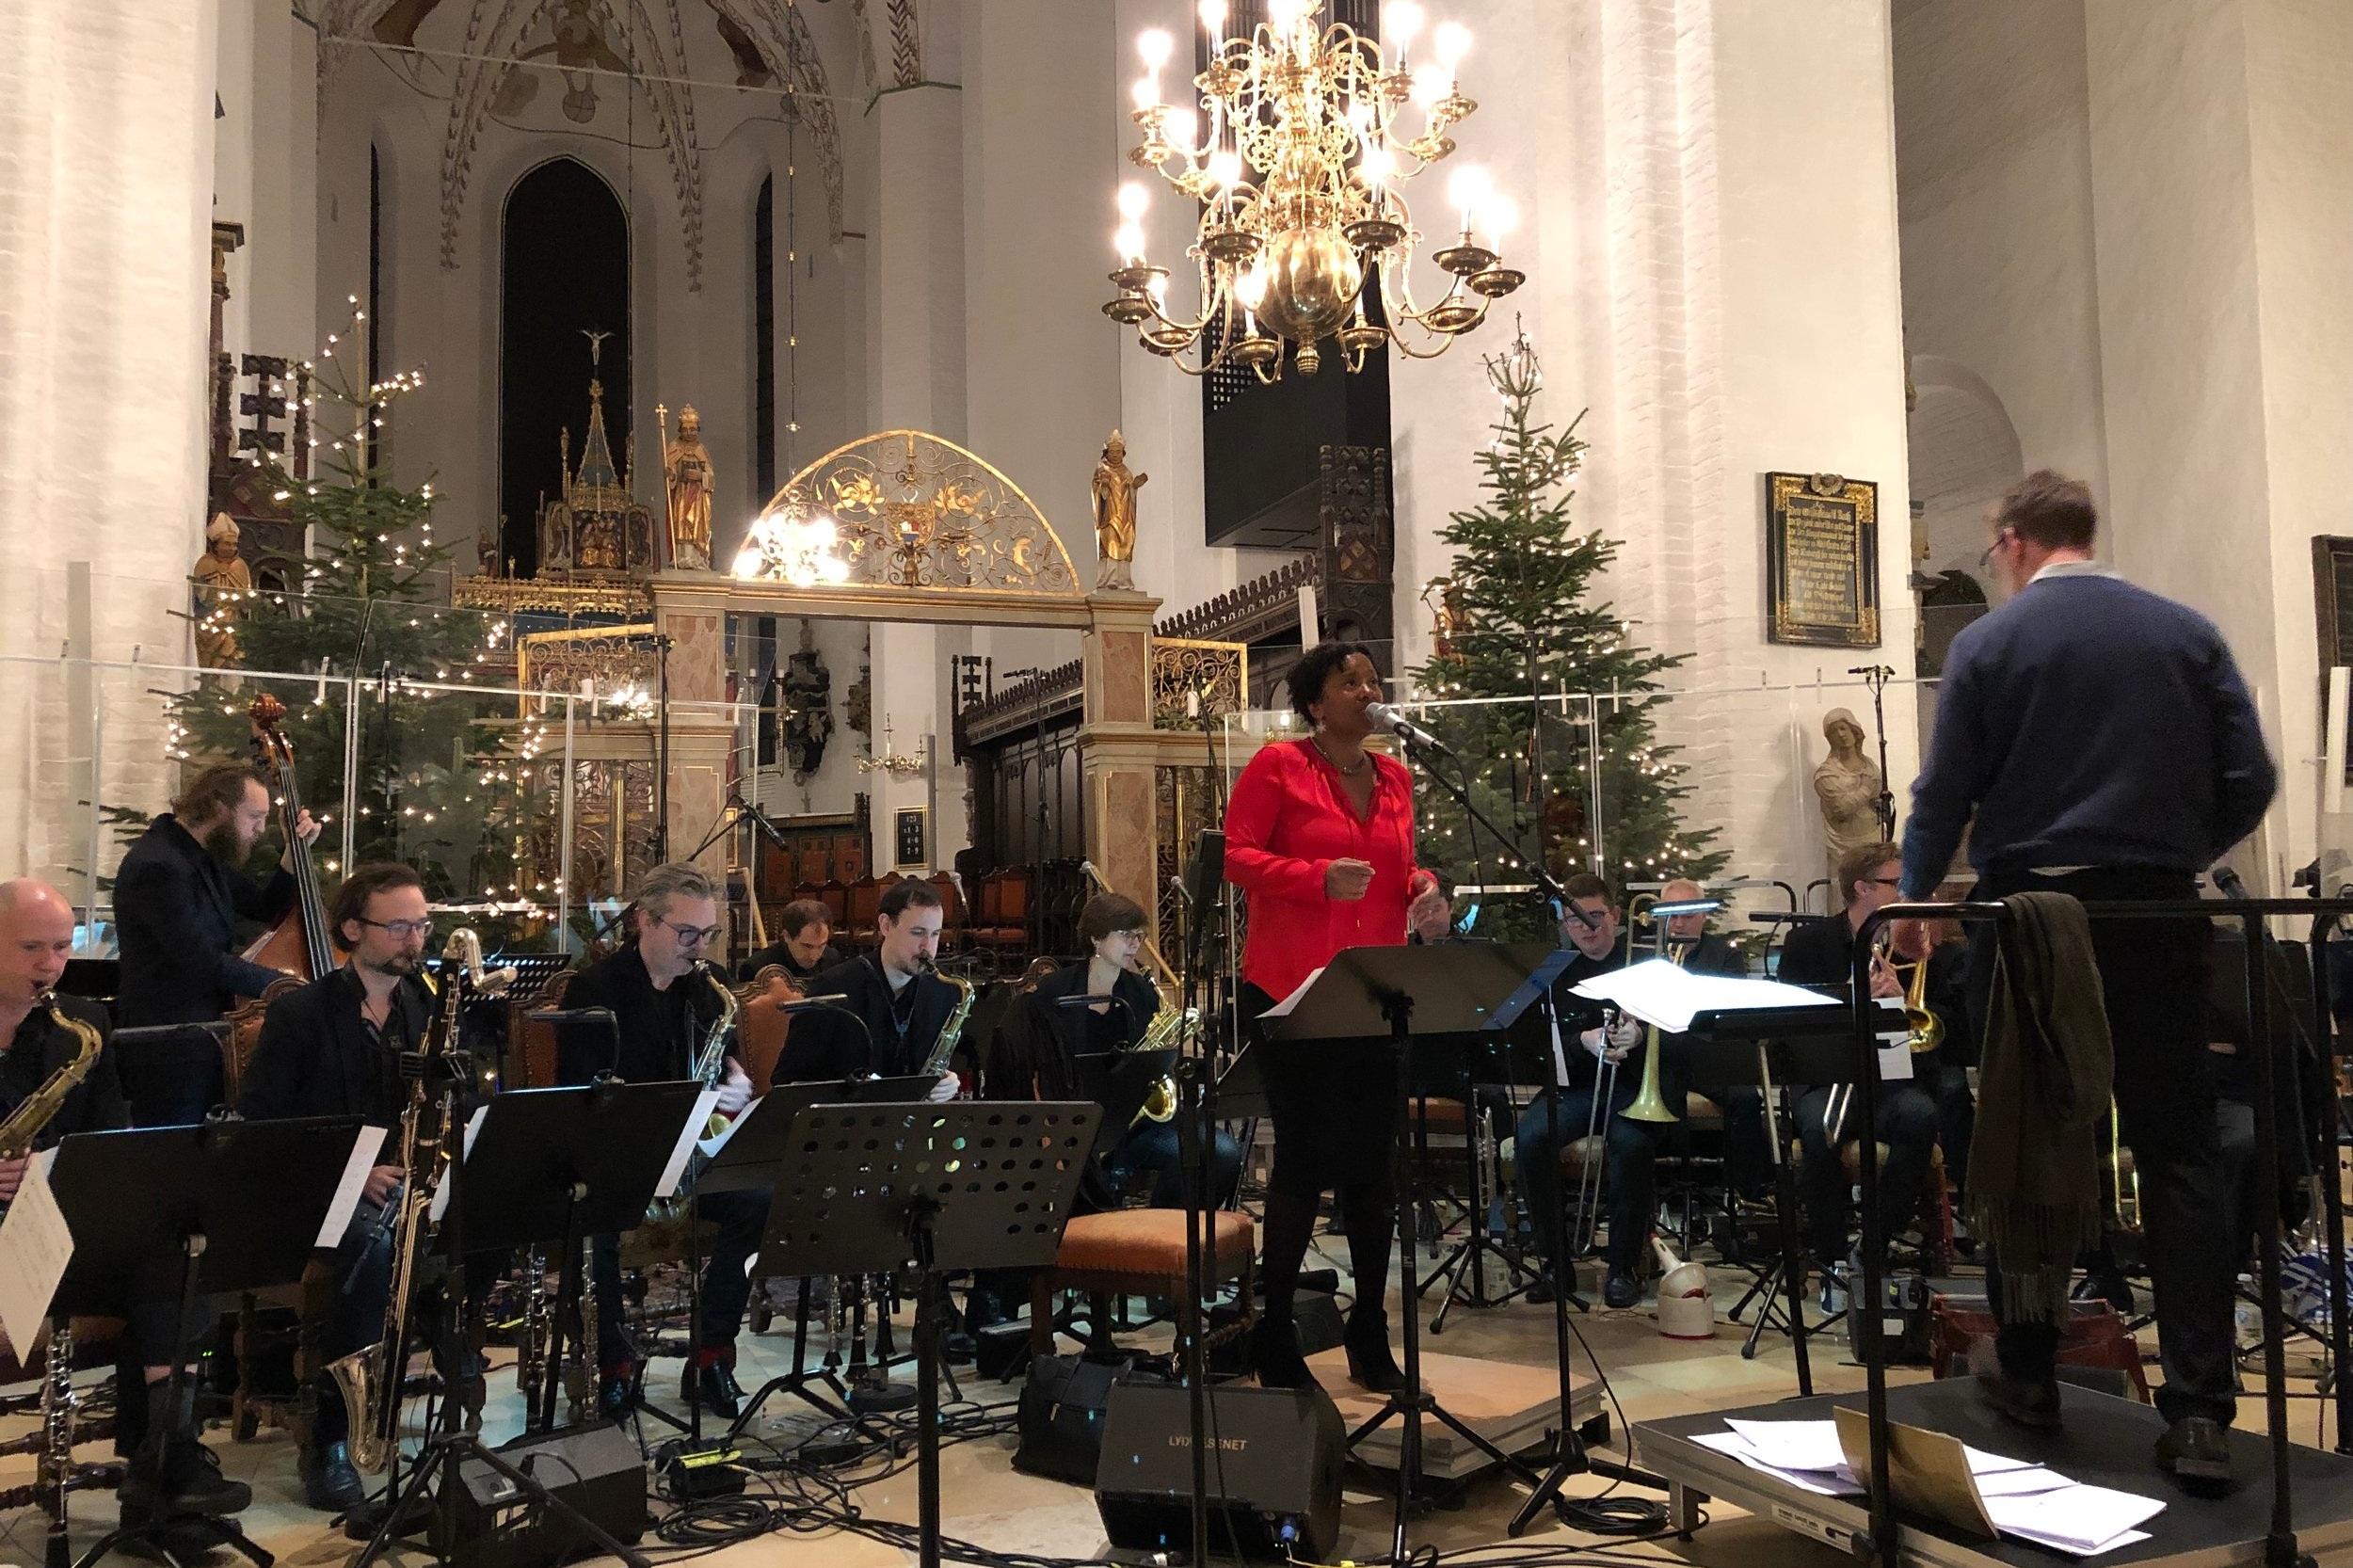 Aarhus Domkirke Julekoncert med Aarhus Jazz Orchestra, Indra Rios-Moore, Skt. Clemens Drengekor samt Clemens Knejterne. Anmeldelse Live.